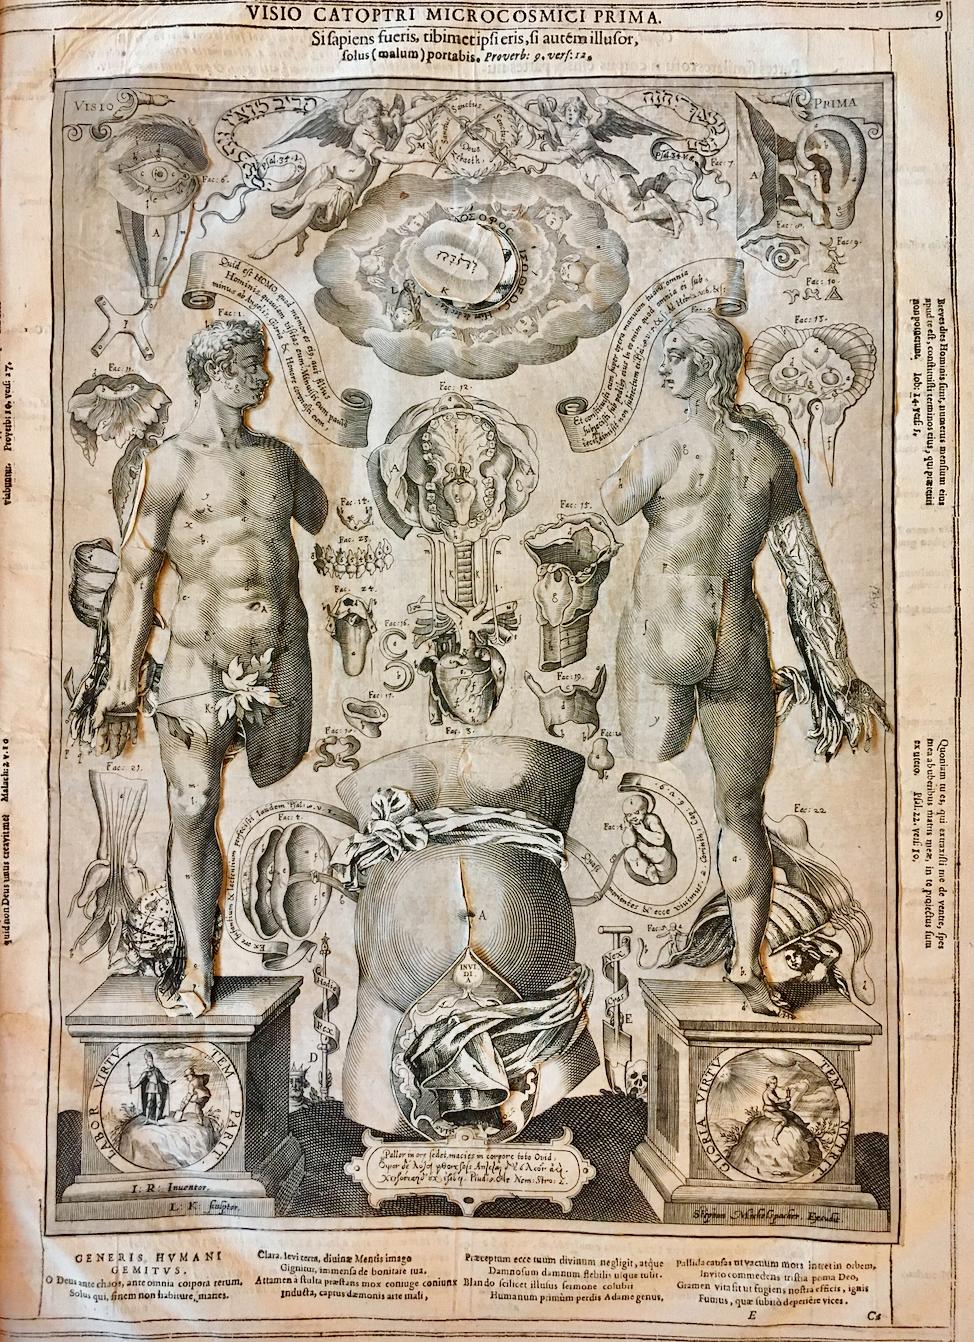 *Visio Prima* of a 1619 edition of the *Catoptrum Microcosmicum*